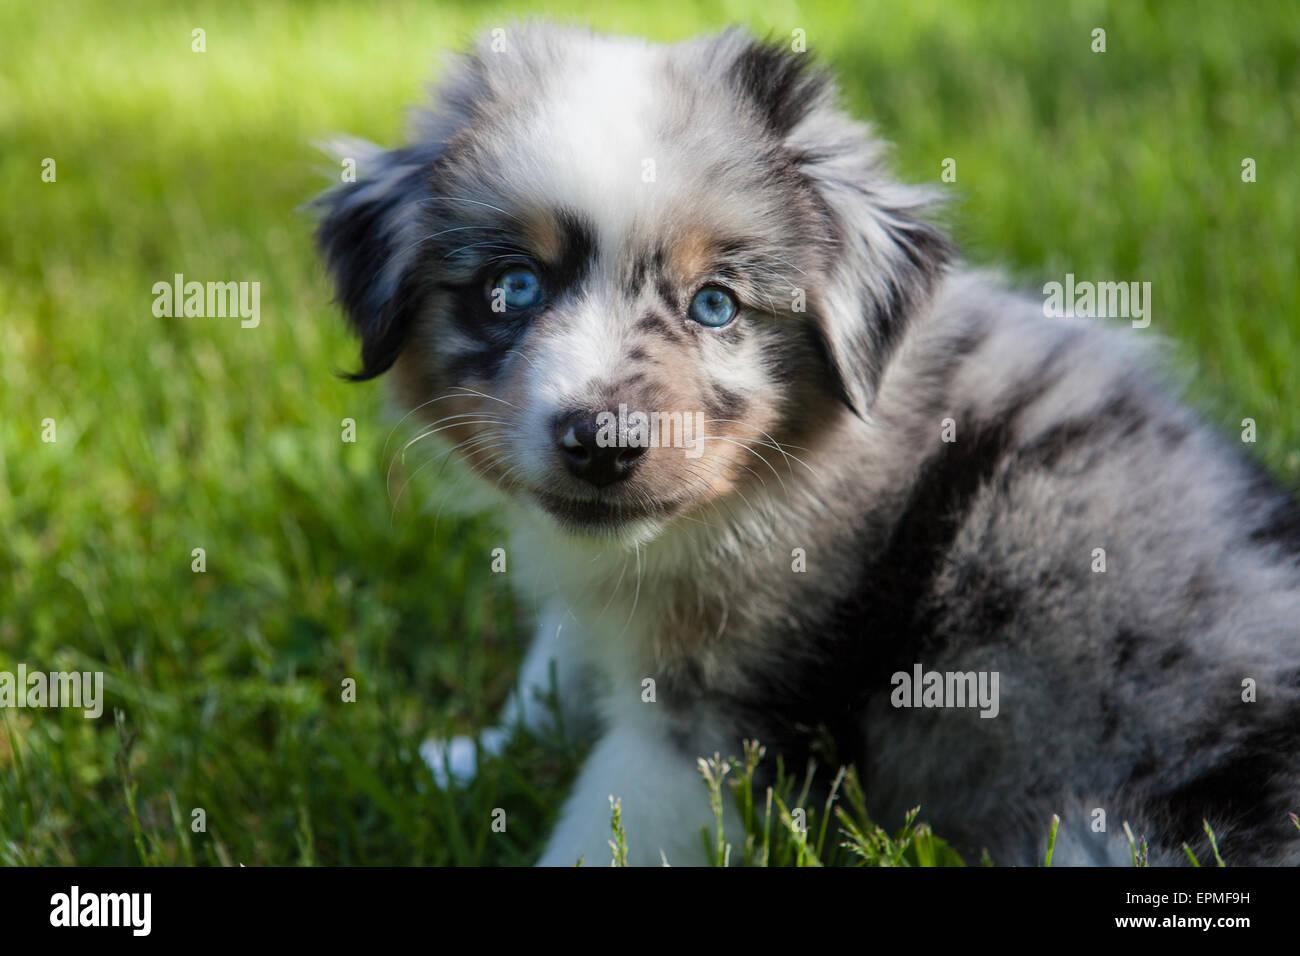 Cachorros Pastor Australiano son ágiles, enérgico y maduran en valorados los perros pastores y leales compañeros que quieren agradar. Foto de stock